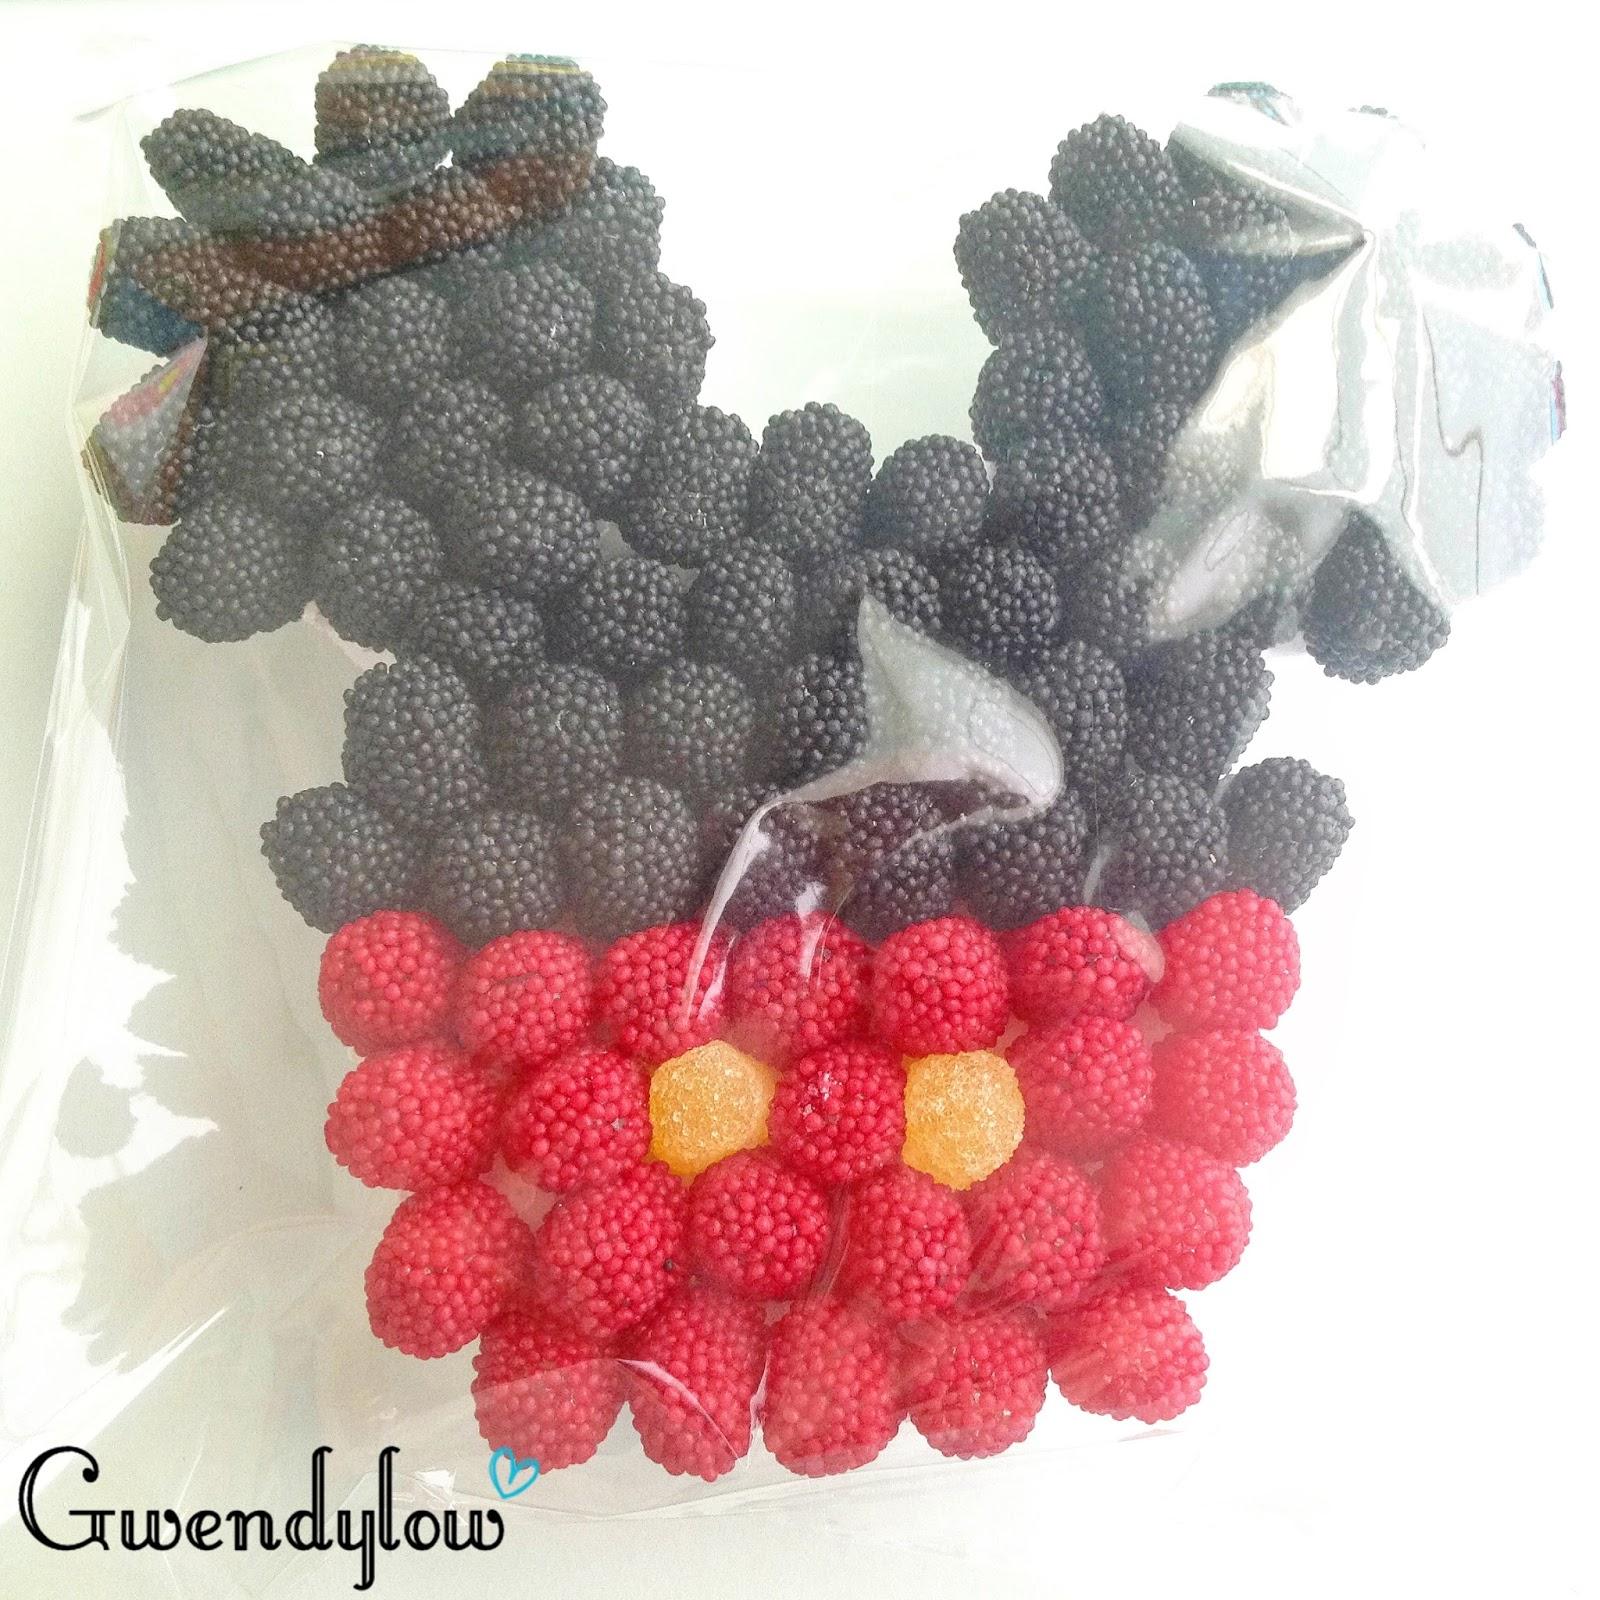 Tarta de Mickey Mouse hecha con chuches y bolsitas de chuches - Ñam ...